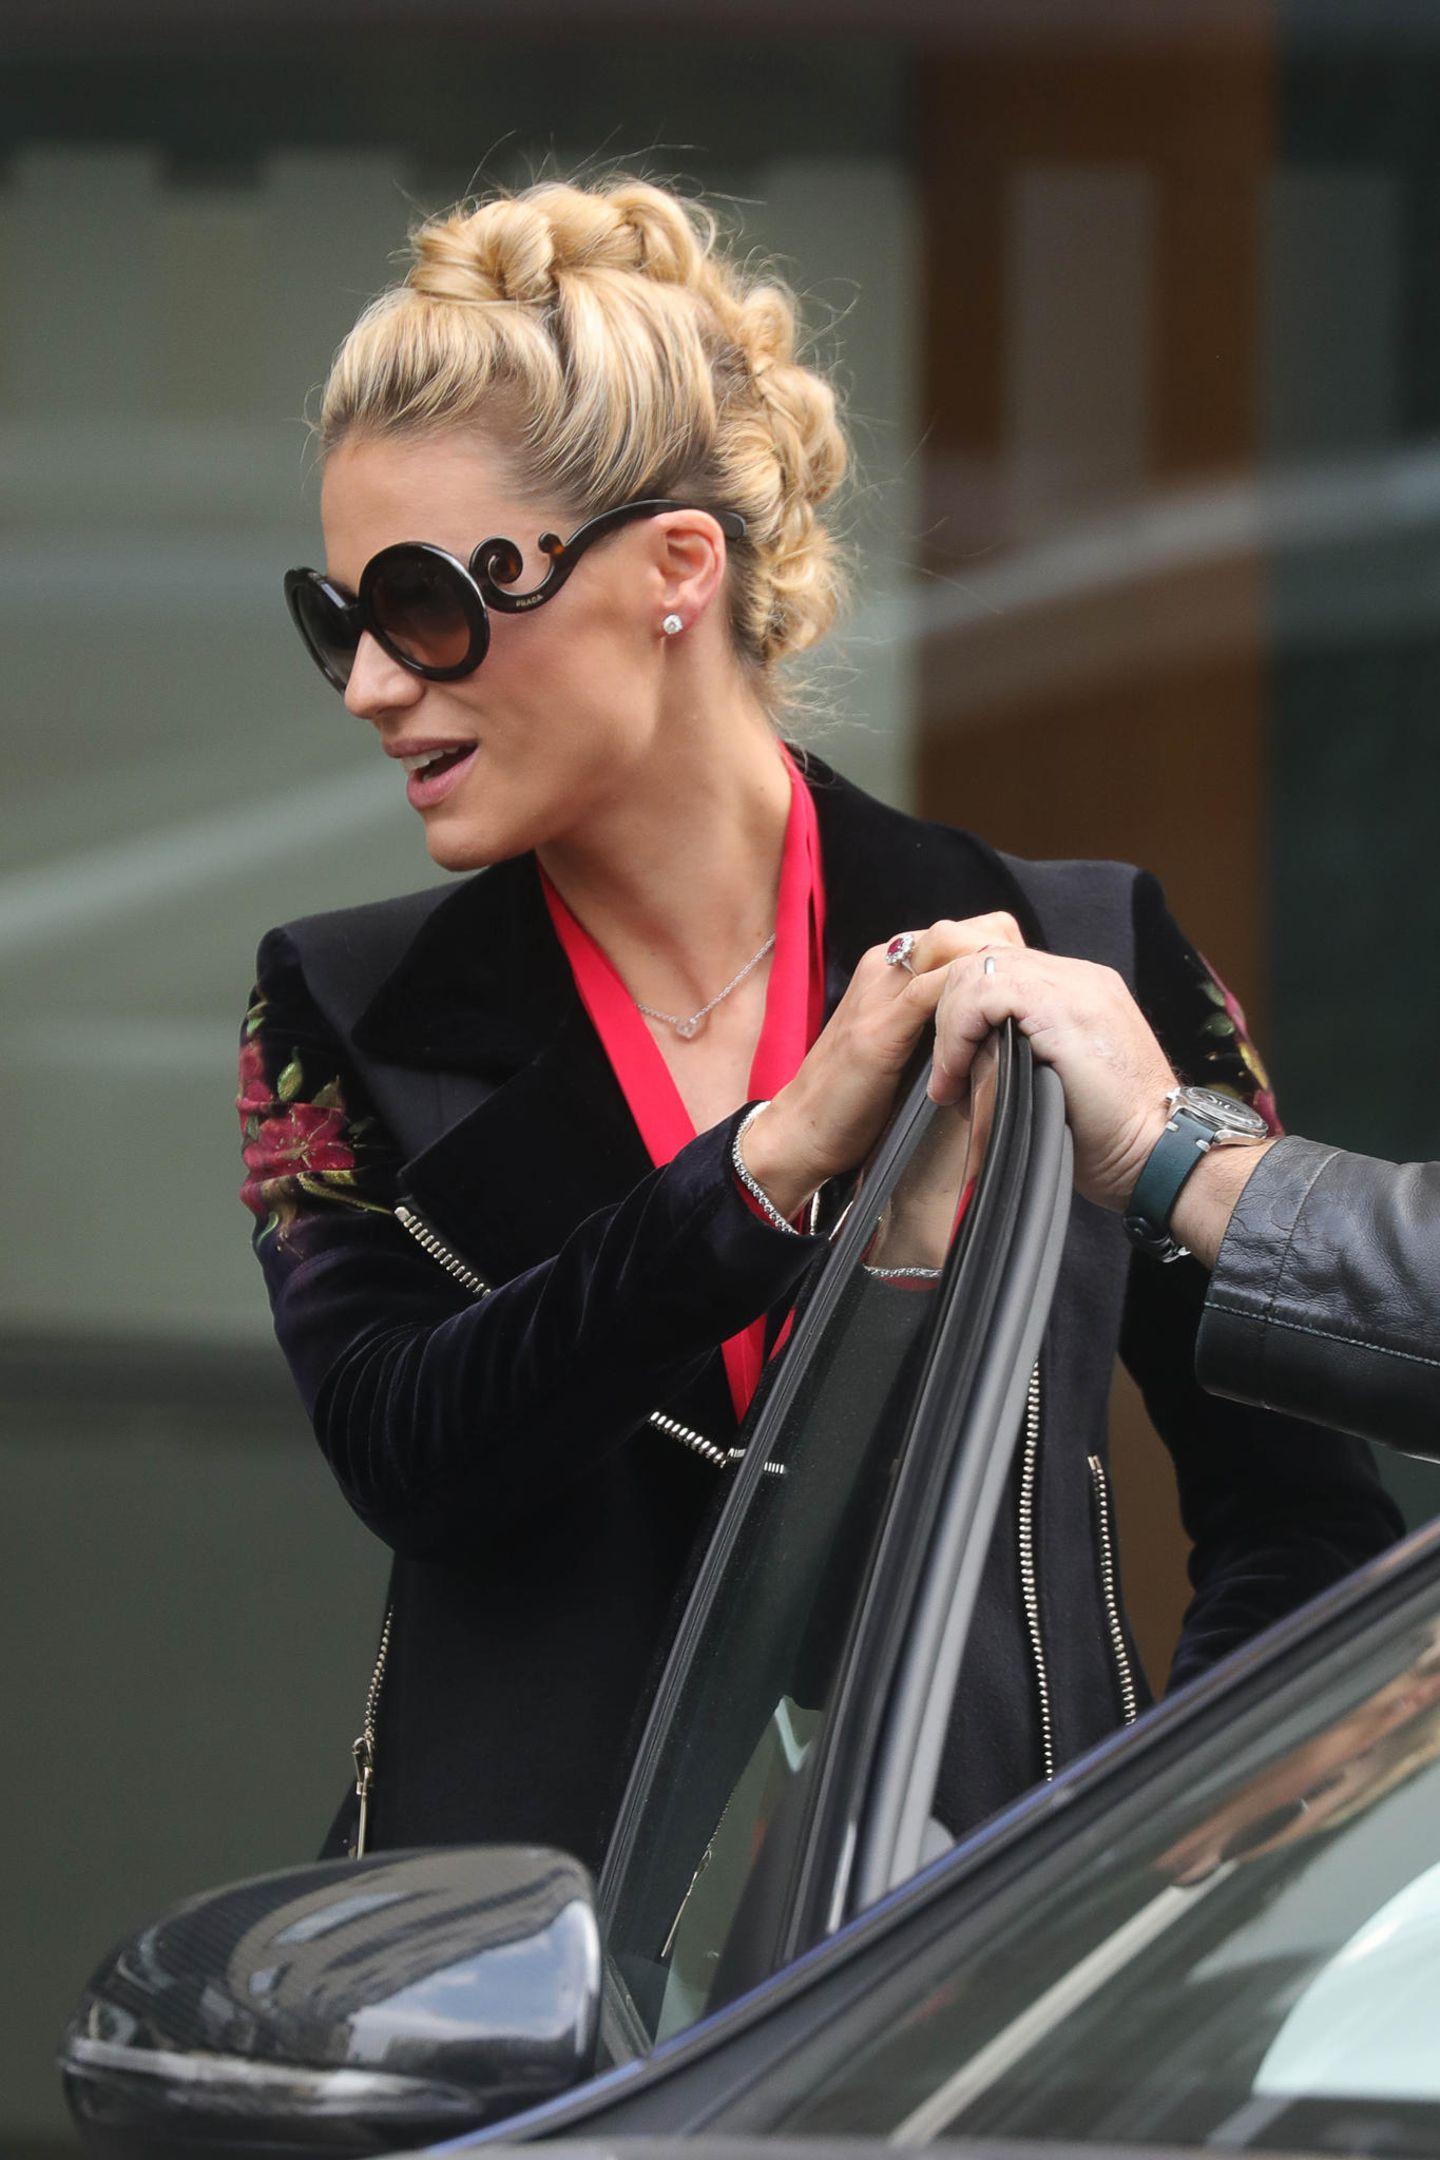 10. Oktober 2018  Michelle Hunziker präsentiert sich beim Verlassen des Trussardi Restaurants in Mailand in einem ganz neuen Look. Statt langer, blonder Mähne trägt die schöne Moderatorin eine angesagte Flechtfrisur und eine auffällige Sonnenbrille.